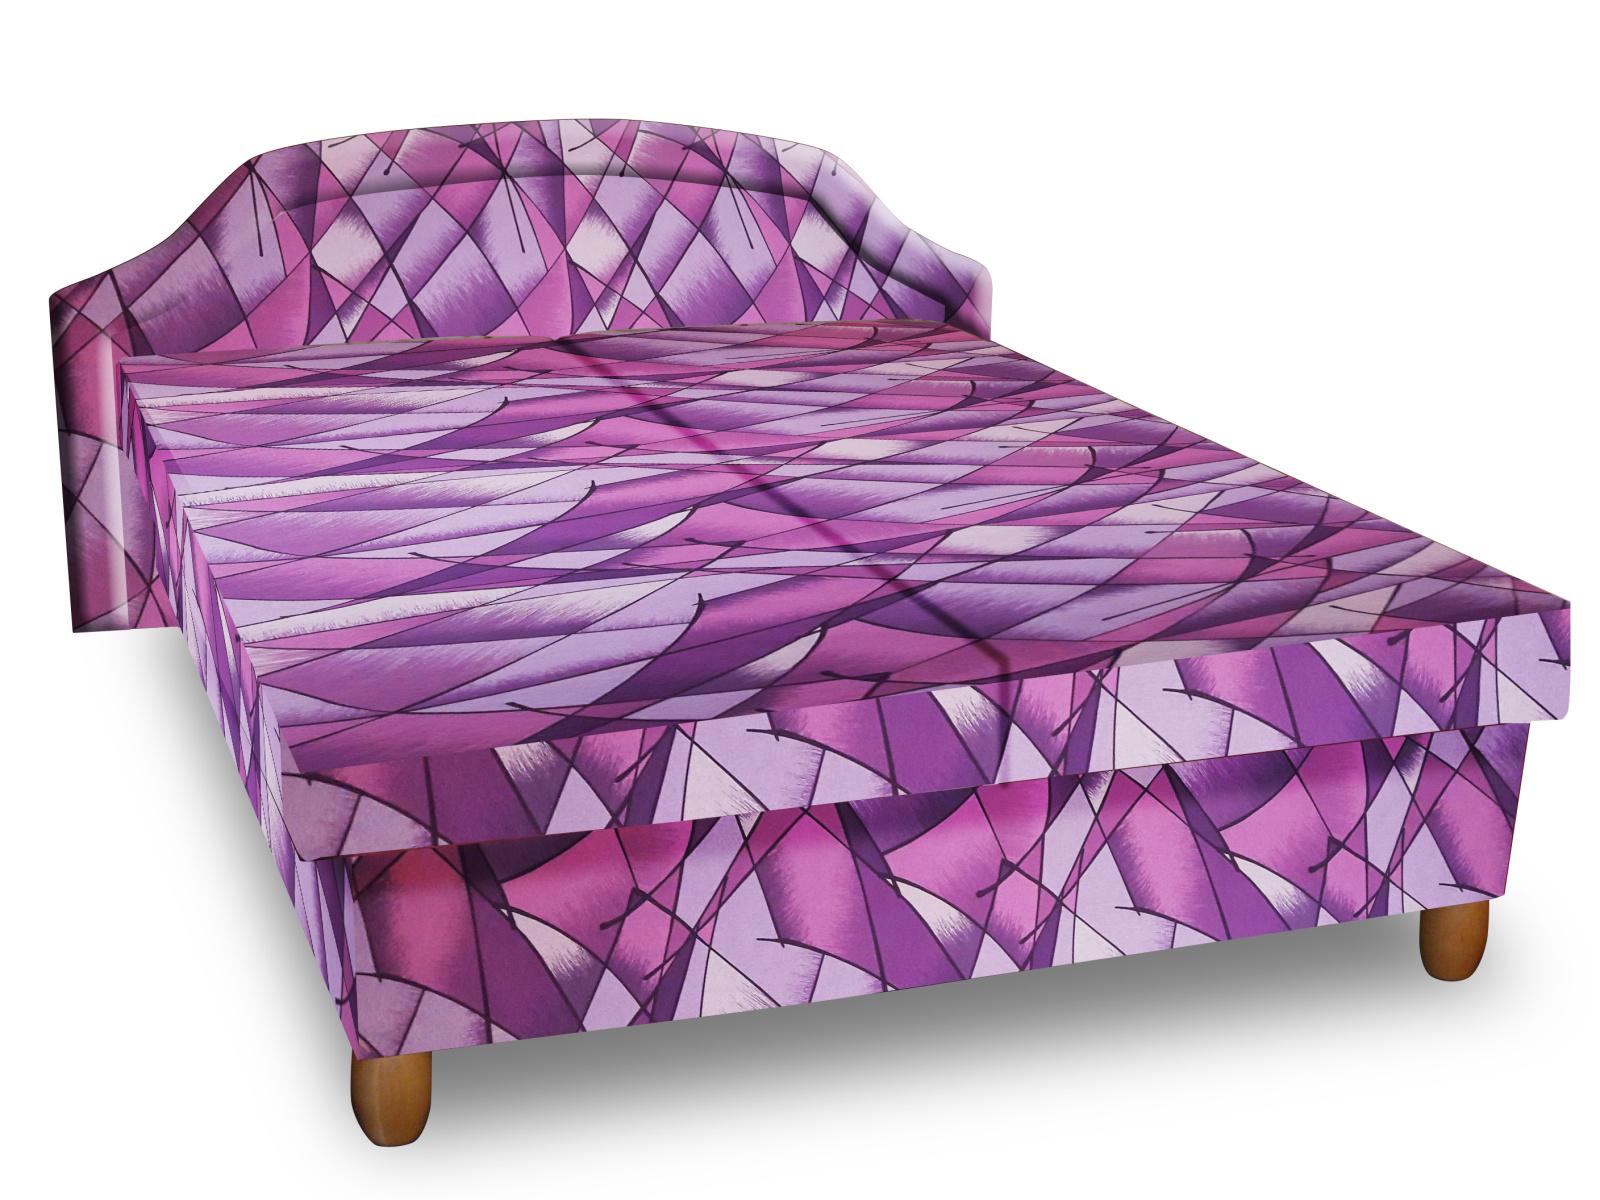 Smartshop Čalouněná postel KARINA 180x200 cm, fialová látka